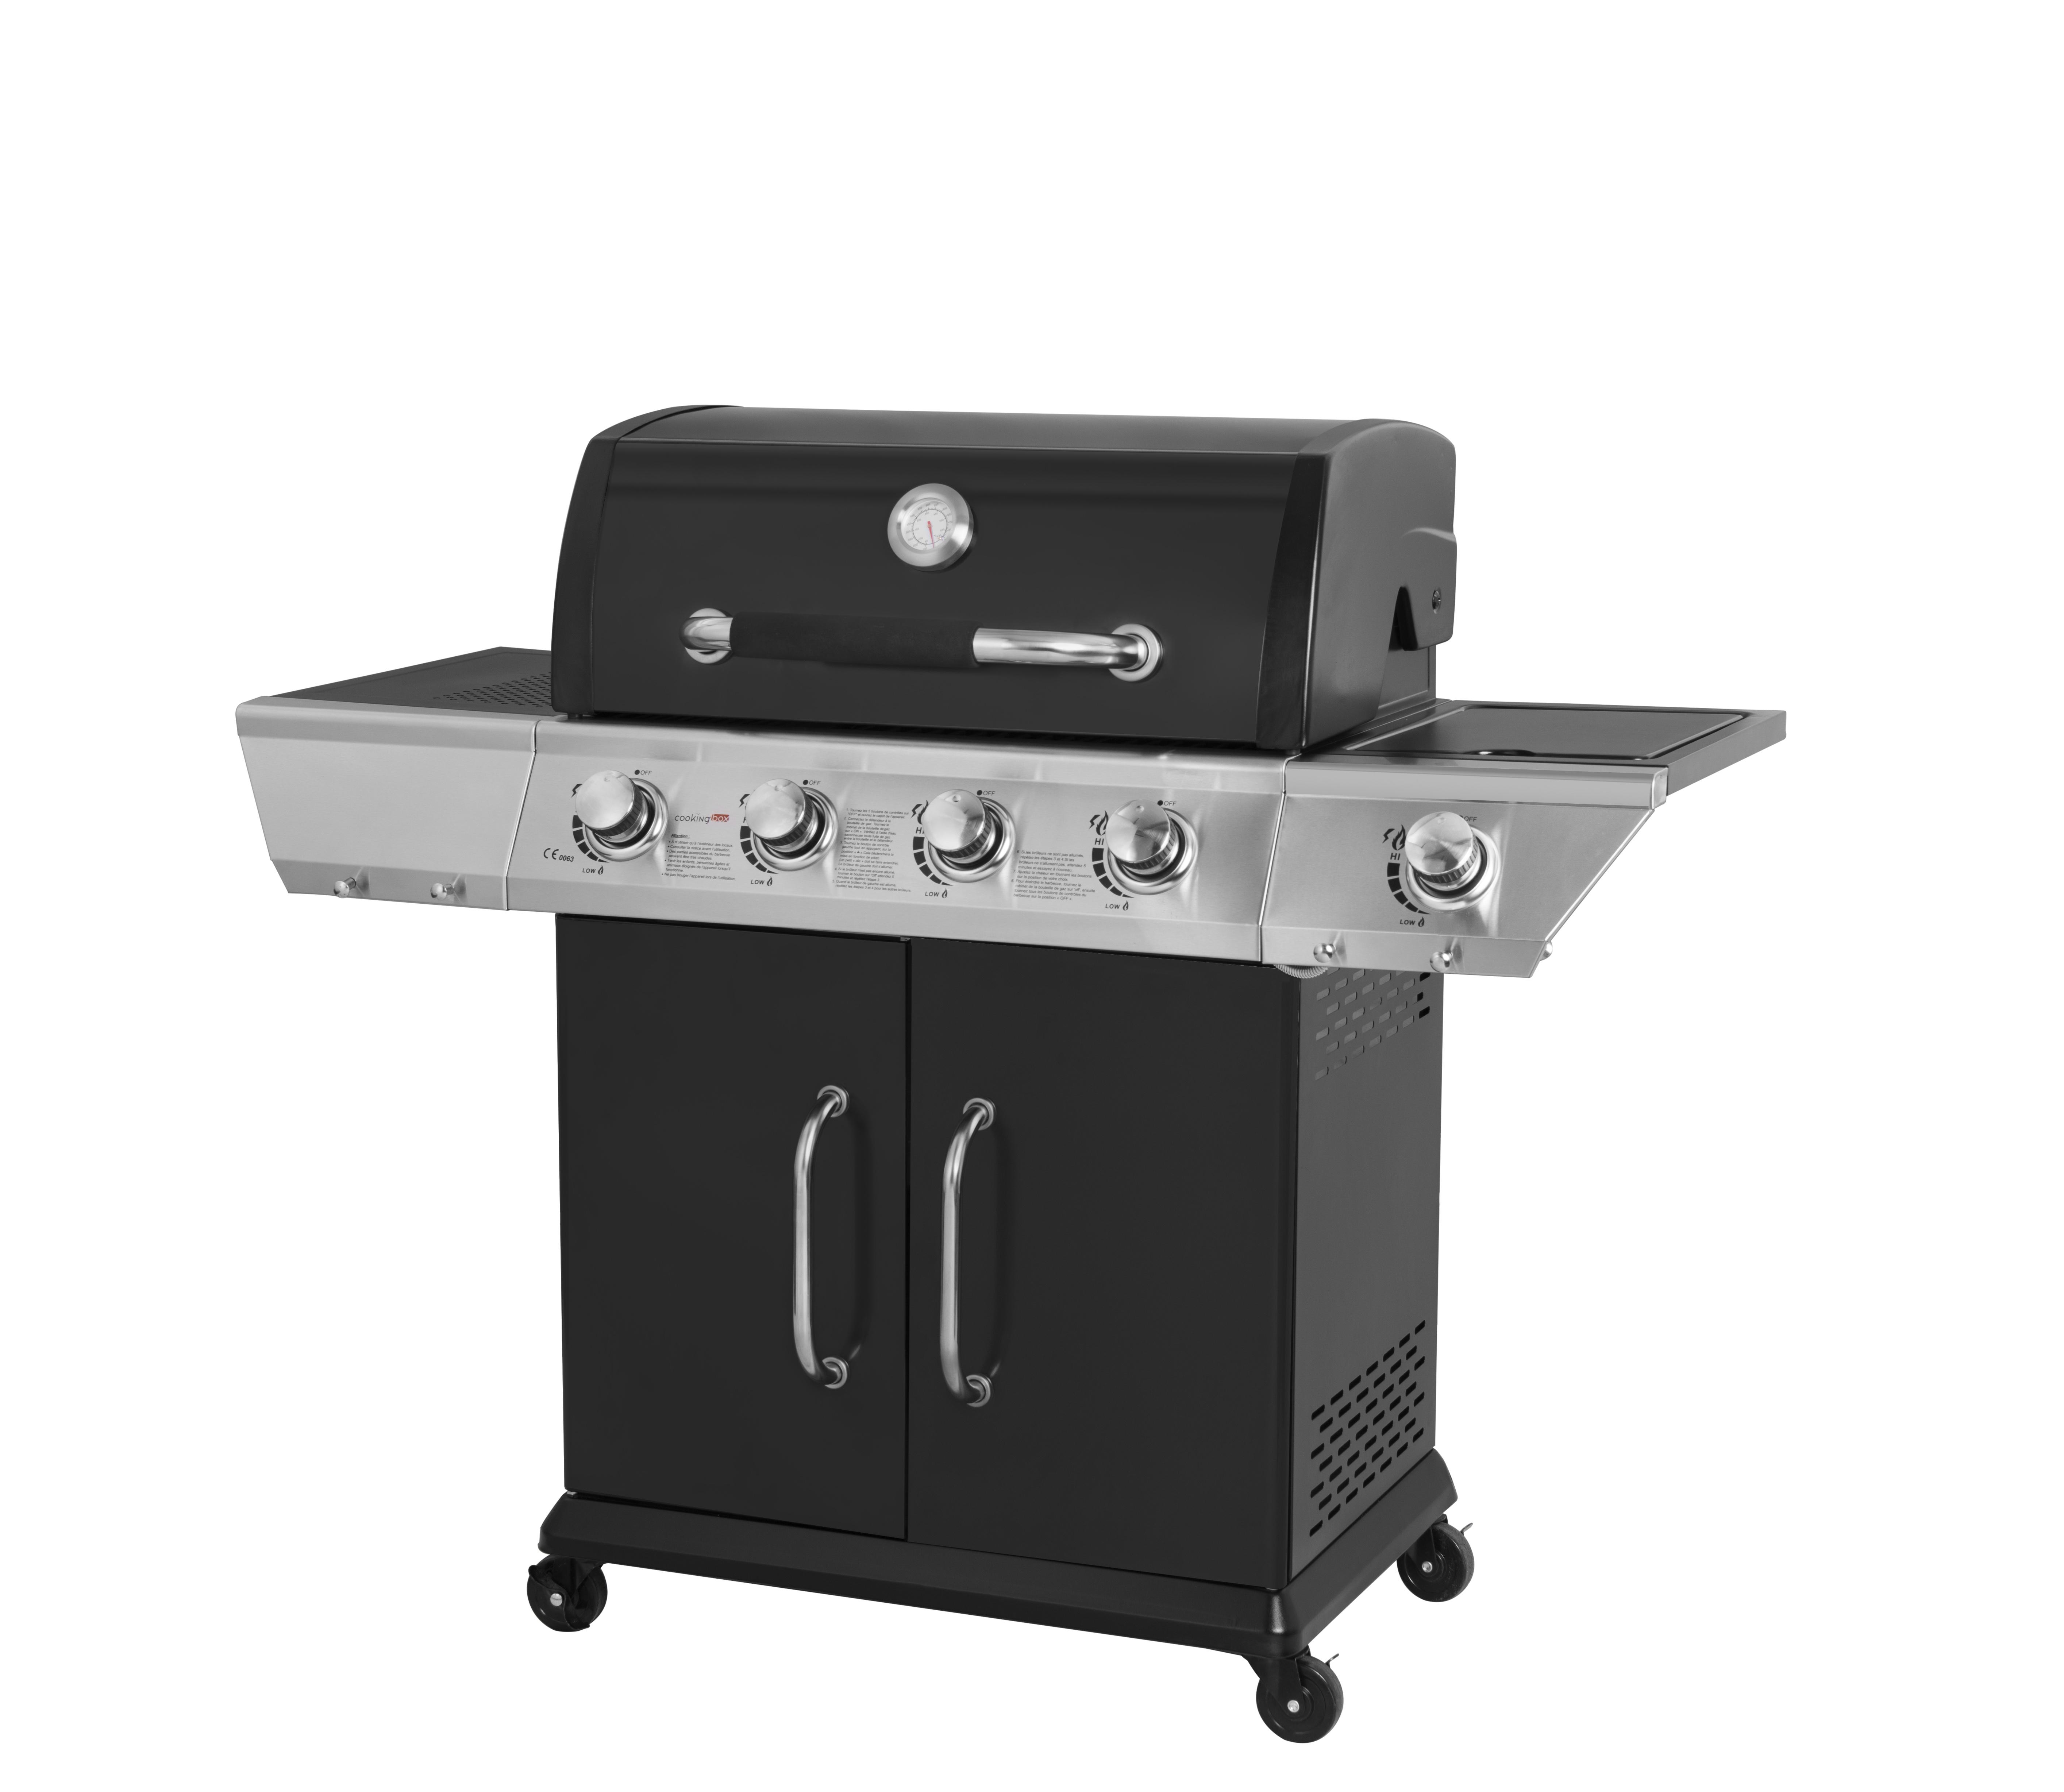 Préparer Un Barbecue Pour 20 Personnes cooking box barbecue à gaz duke - 4 feux + side - achat